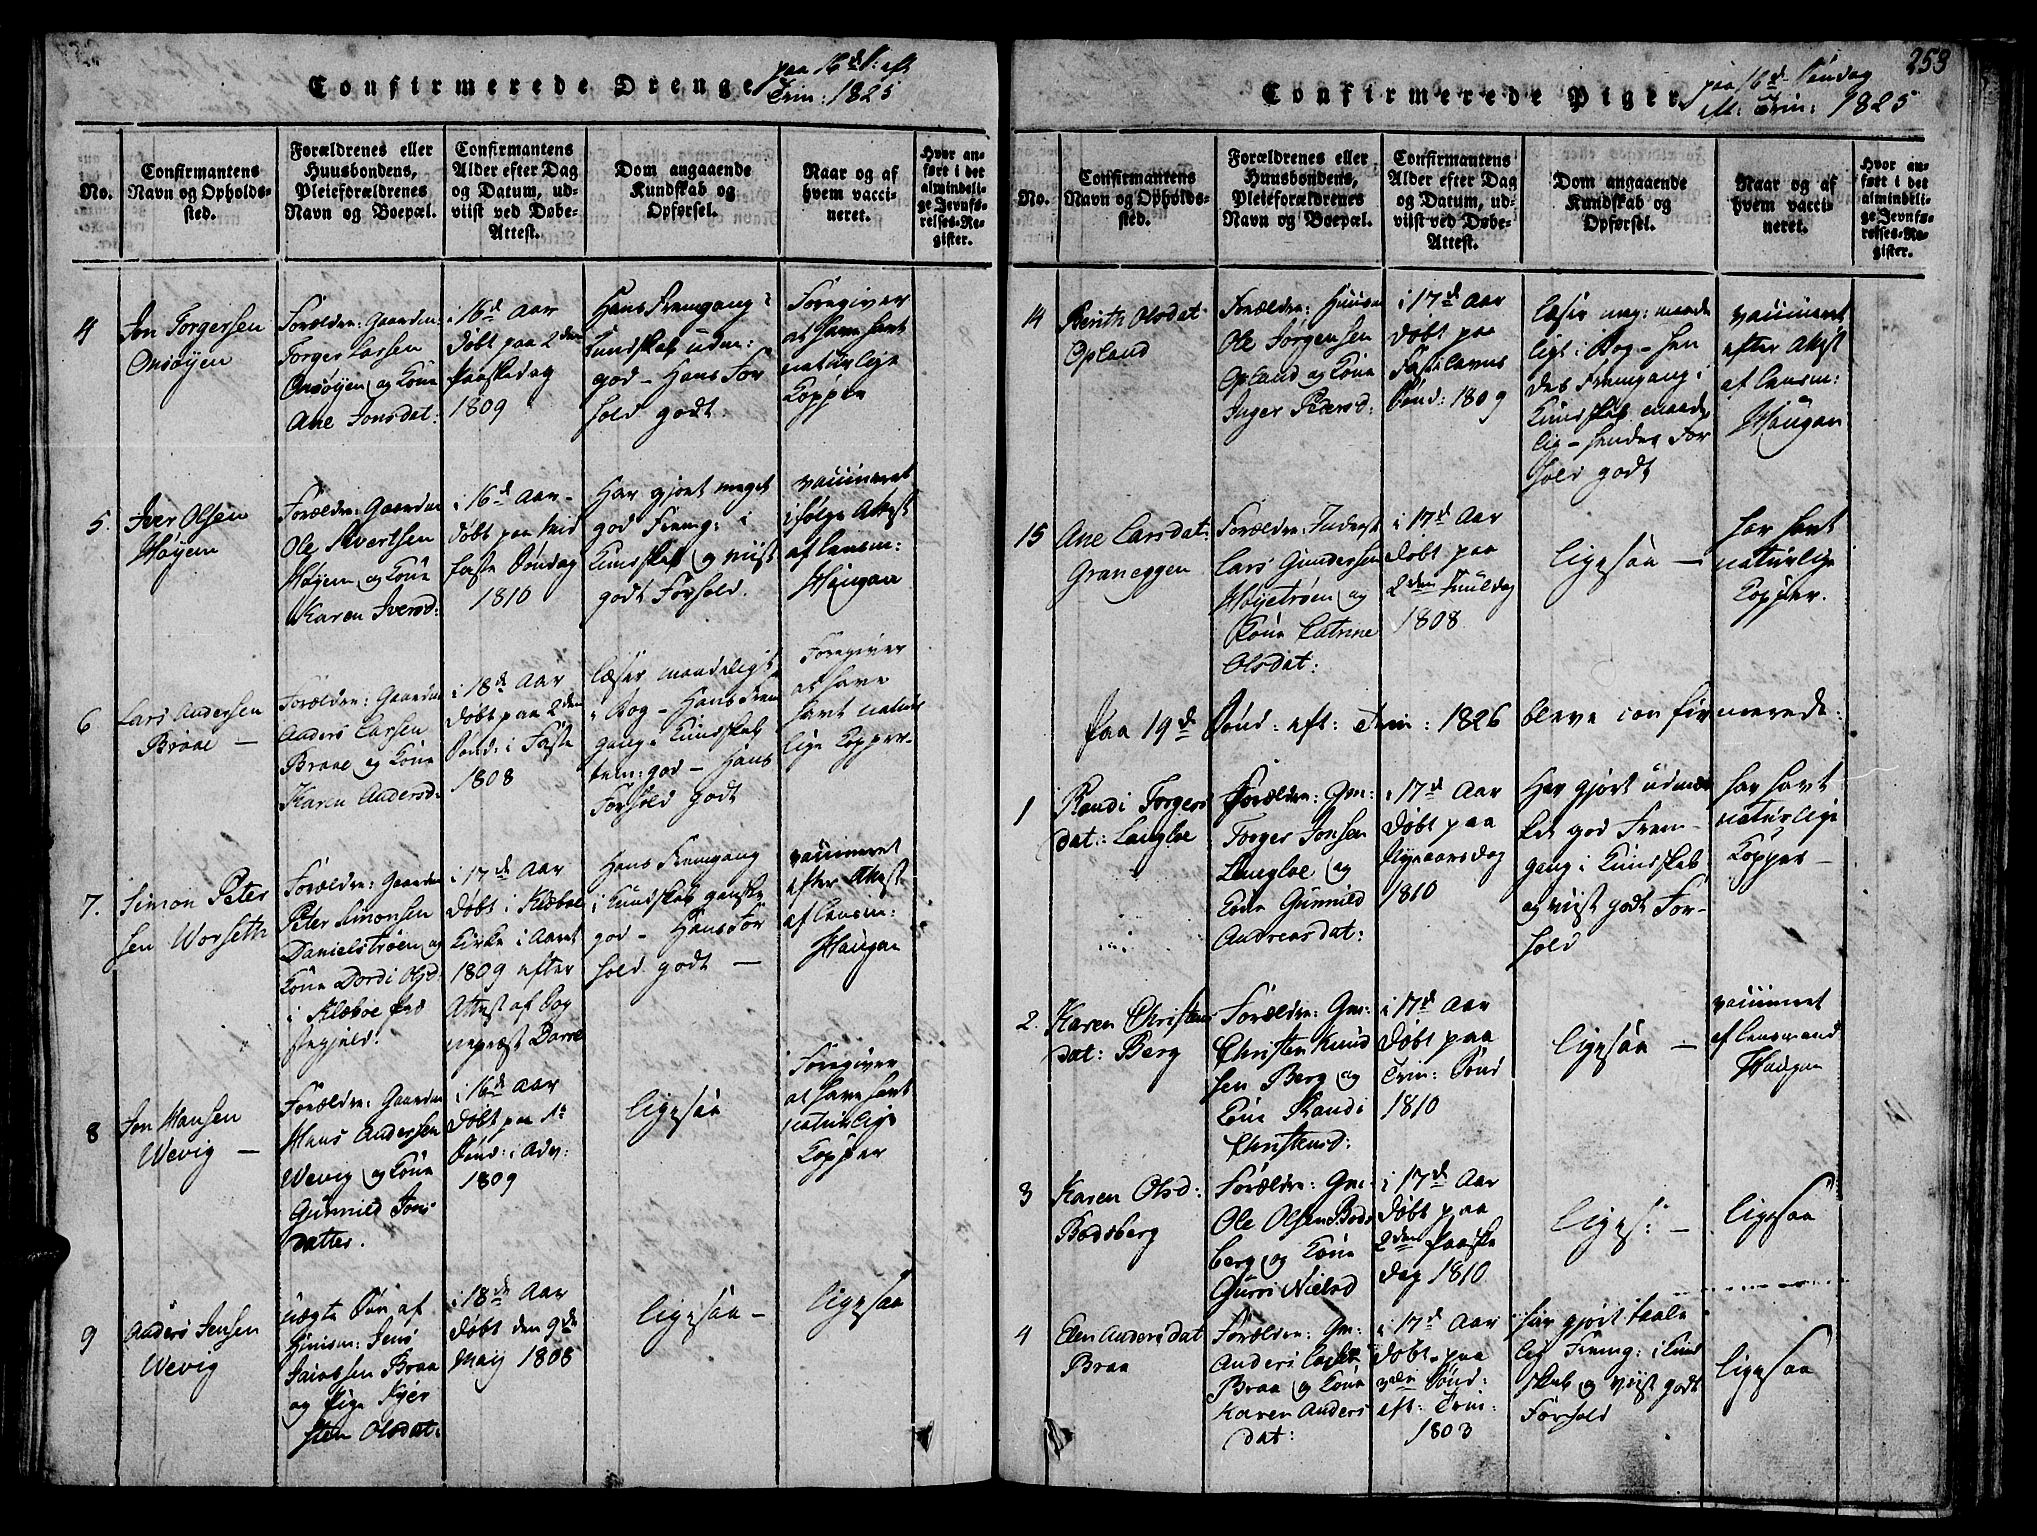 SAT, Ministerialprotokoller, klokkerbøker og fødselsregistre - Sør-Trøndelag, 612/L0372: Ministerialbok nr. 612A06 /1, 1816-1828, s. 258